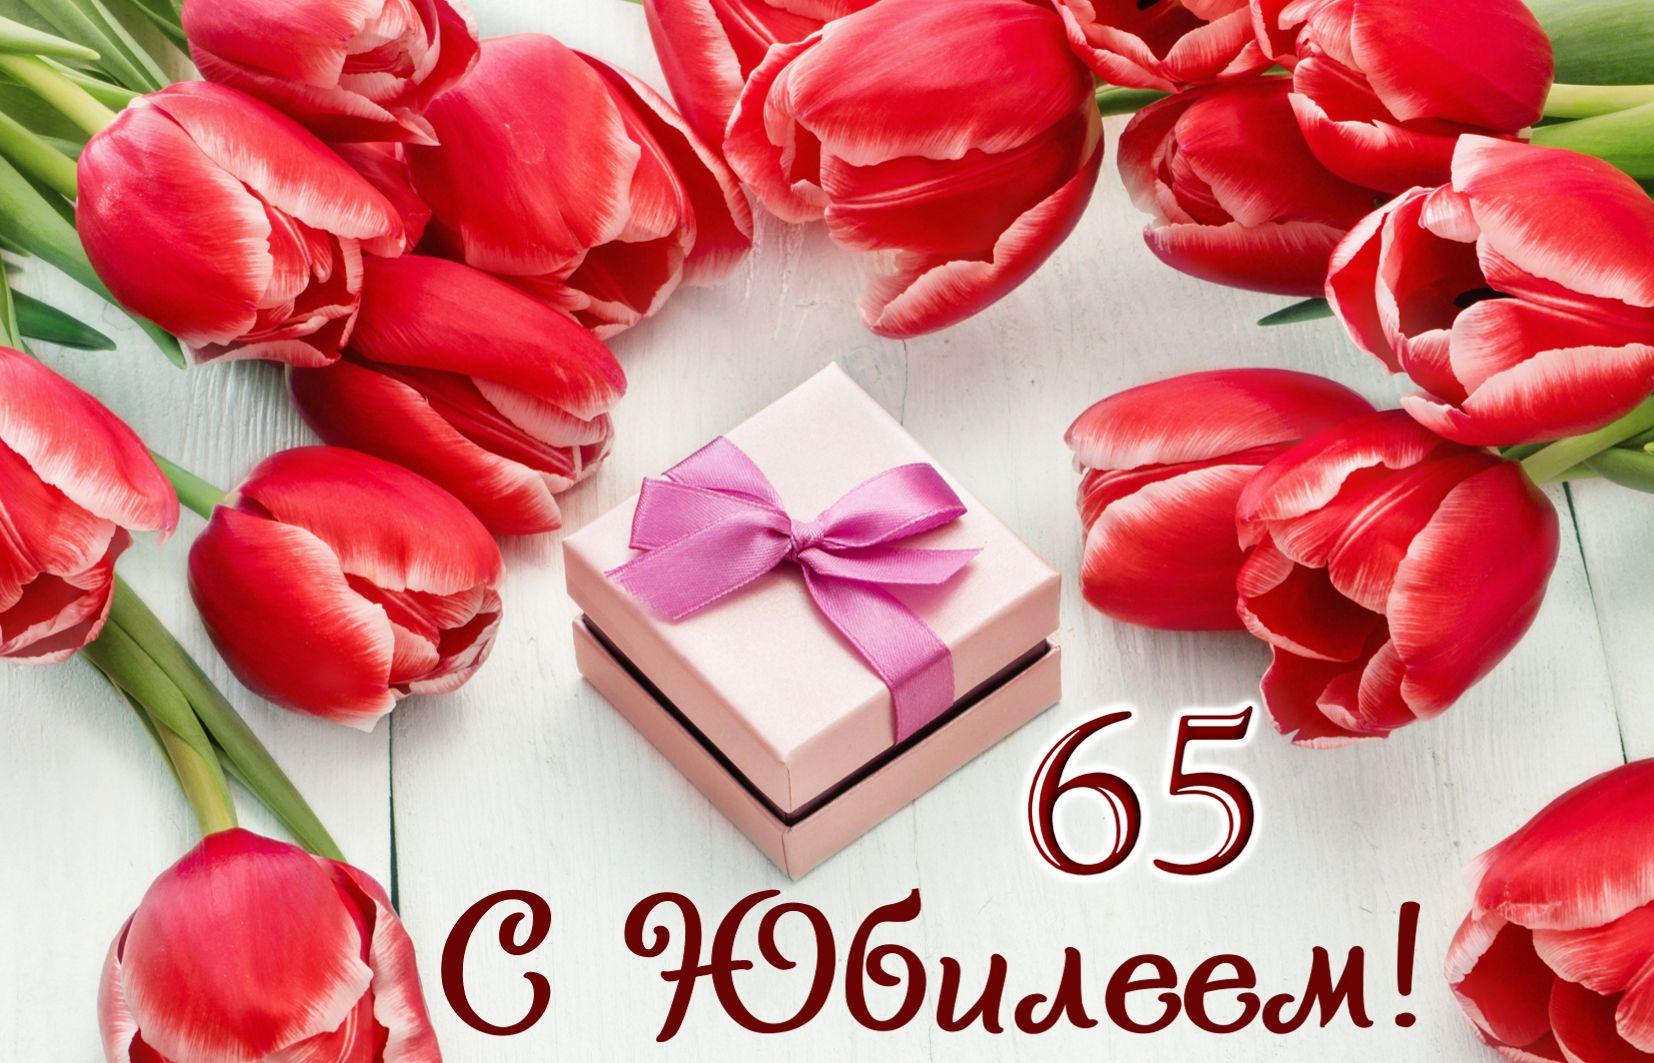 Открытка на юбилей 65 лет - подарок в окружении красных тюльпанов